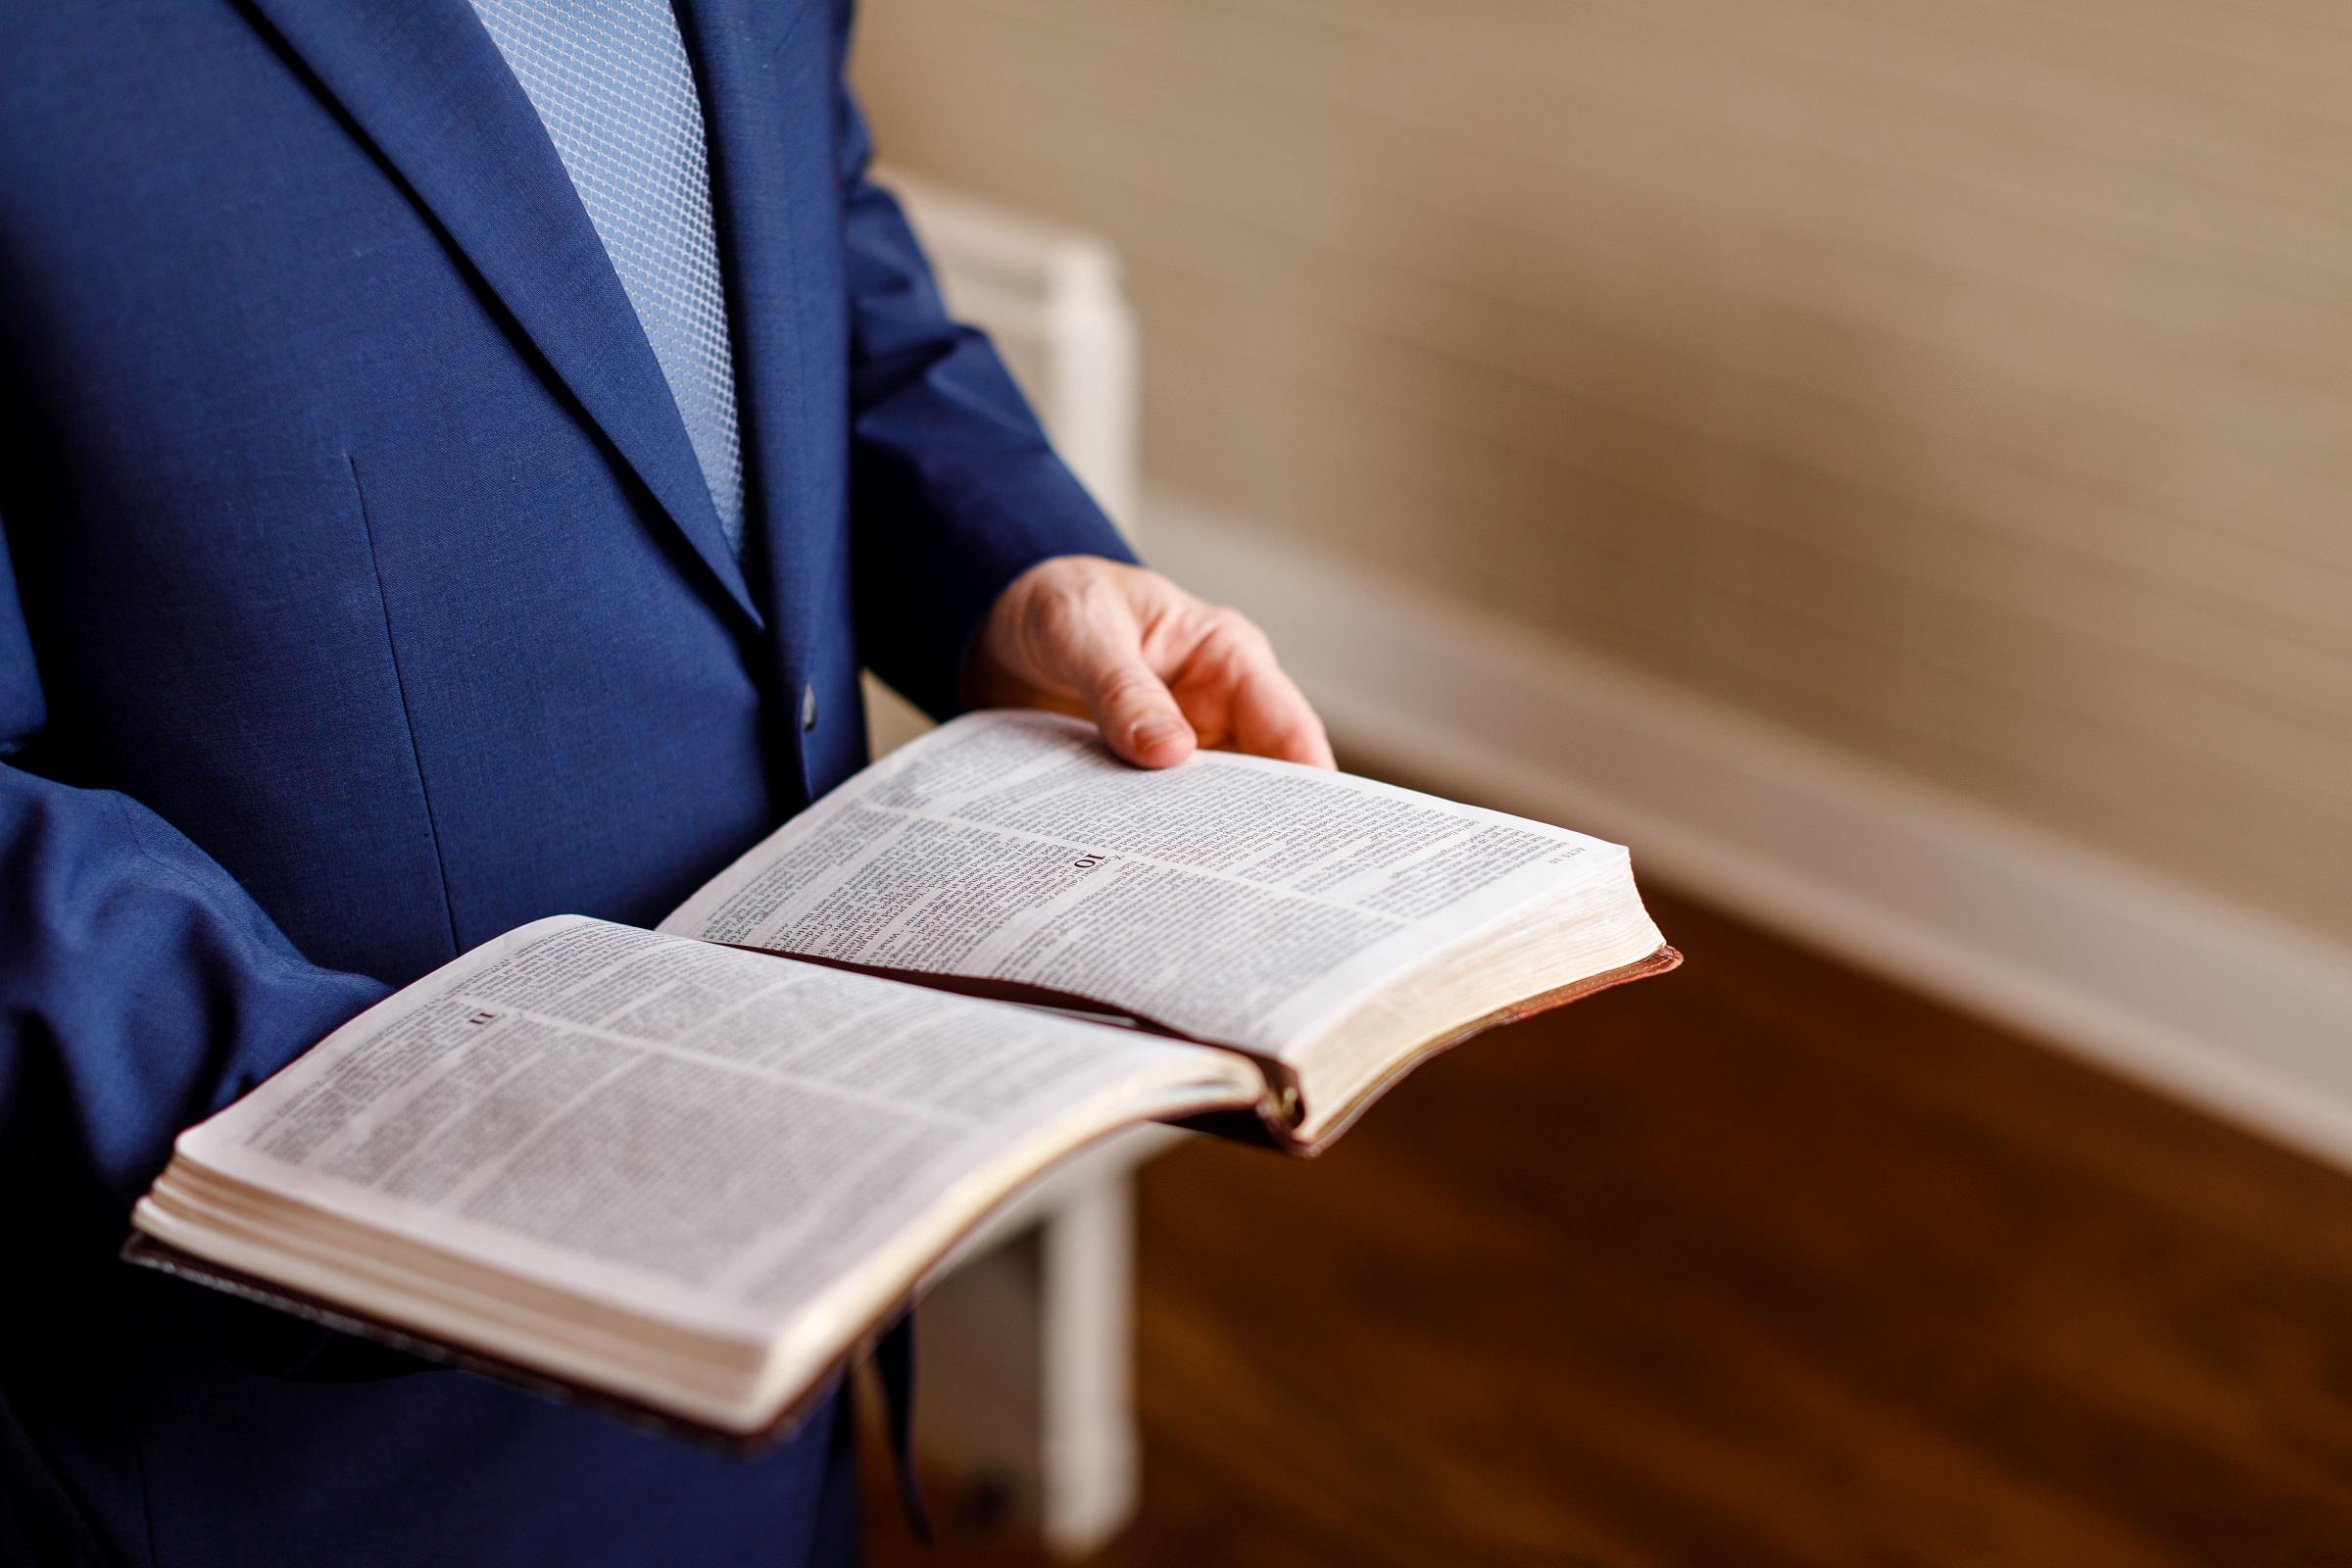 Biblical Languages Studies